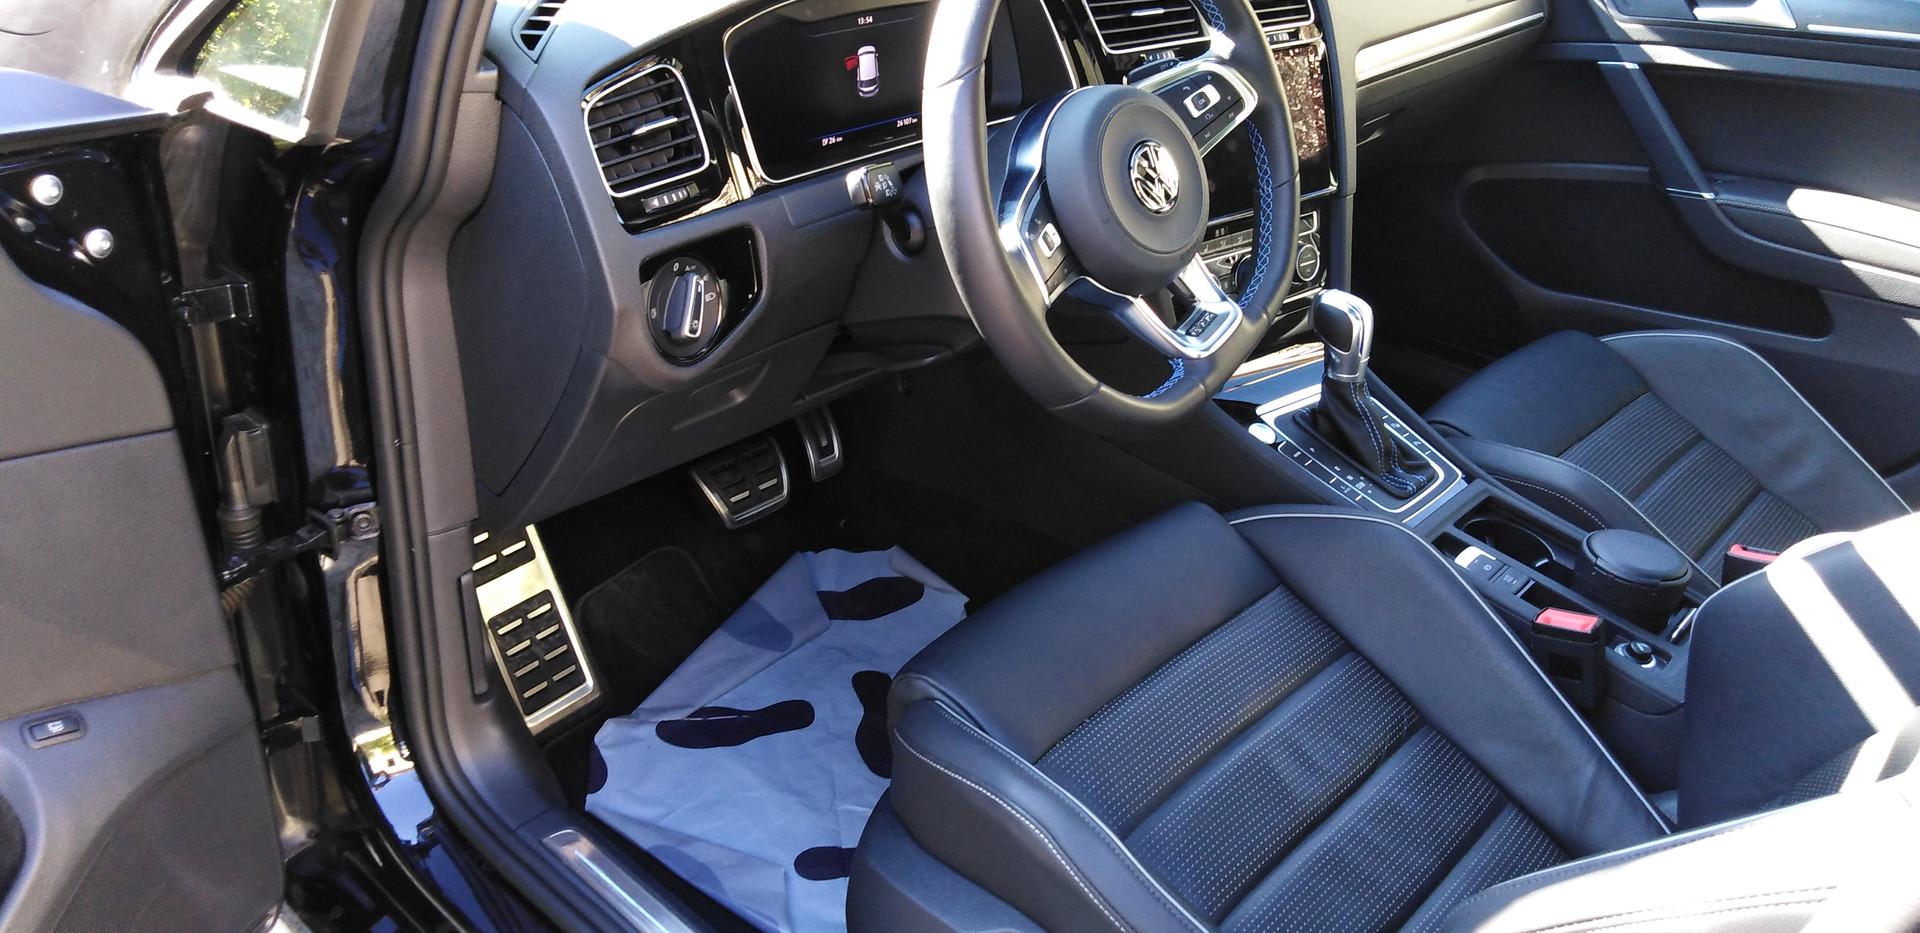 VW GOLF VII GTE Hybride habitacle AV